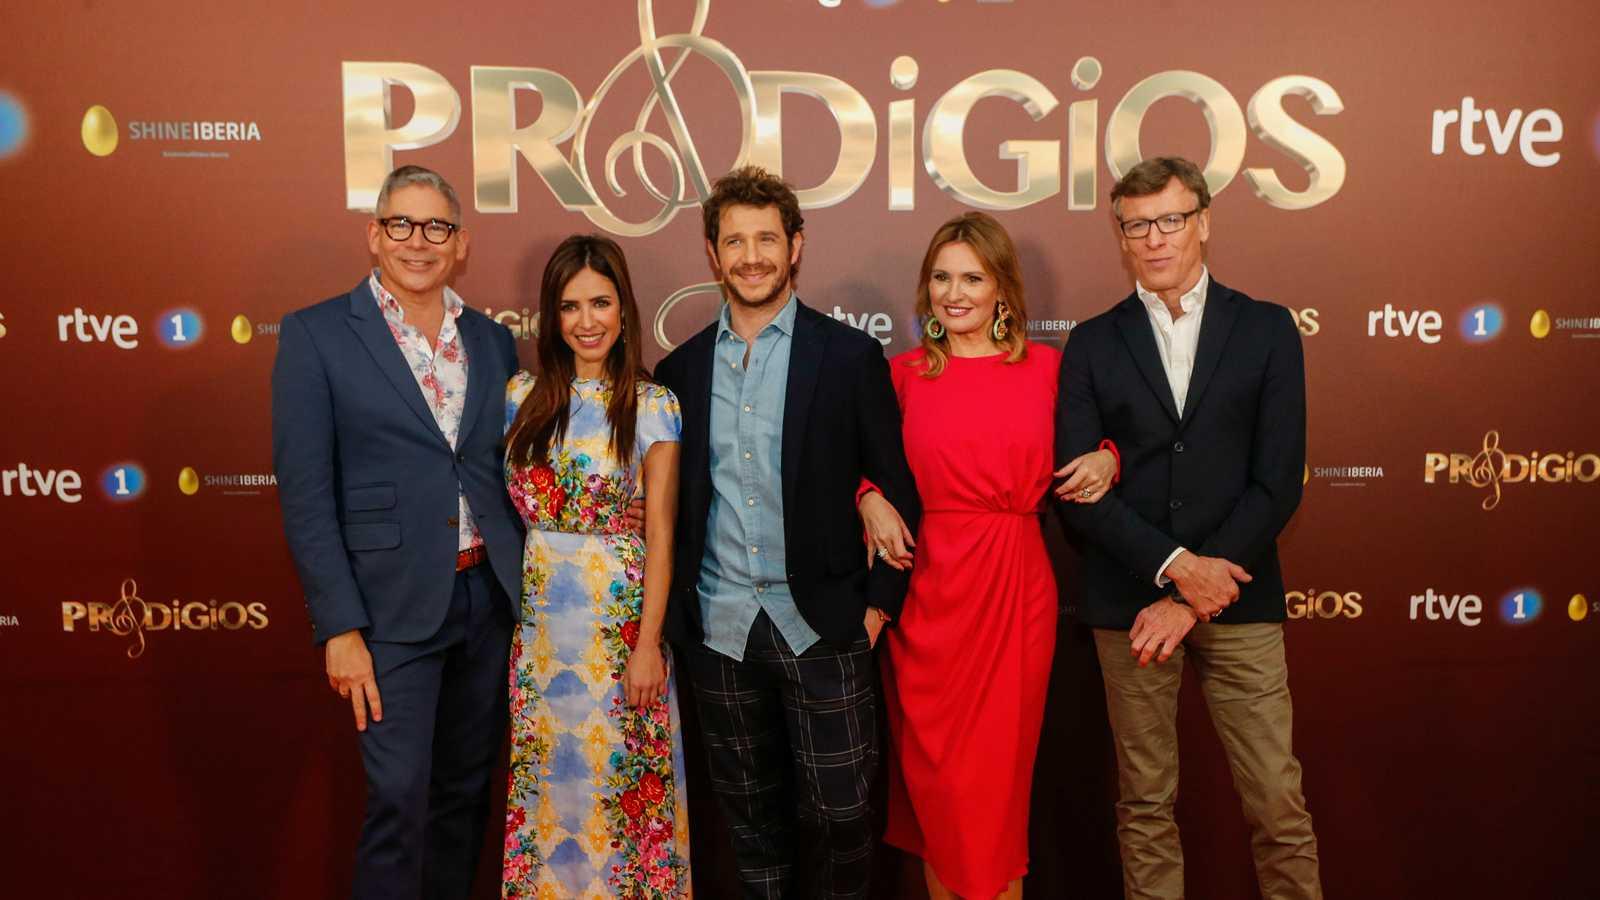 Corazón - Asistimos a la presentación del nuevo programa de La 1, 'Prodigios'